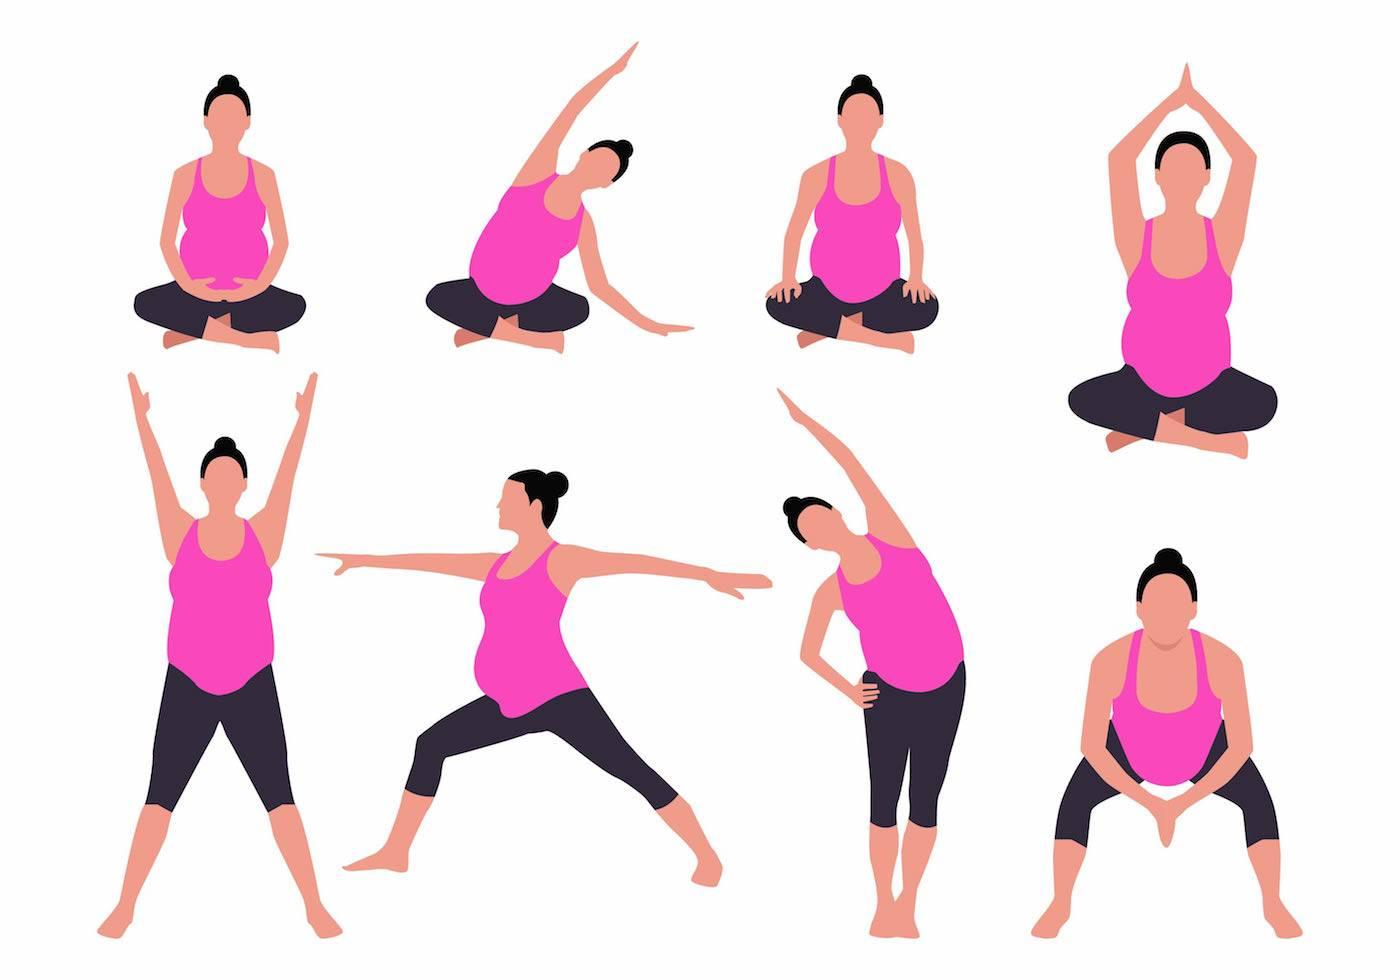 Йога для беременных во 2 триместре: видео и фото уроки, польза, противопоказания, пошаговая инструкция техник, рекомендации, отзывы